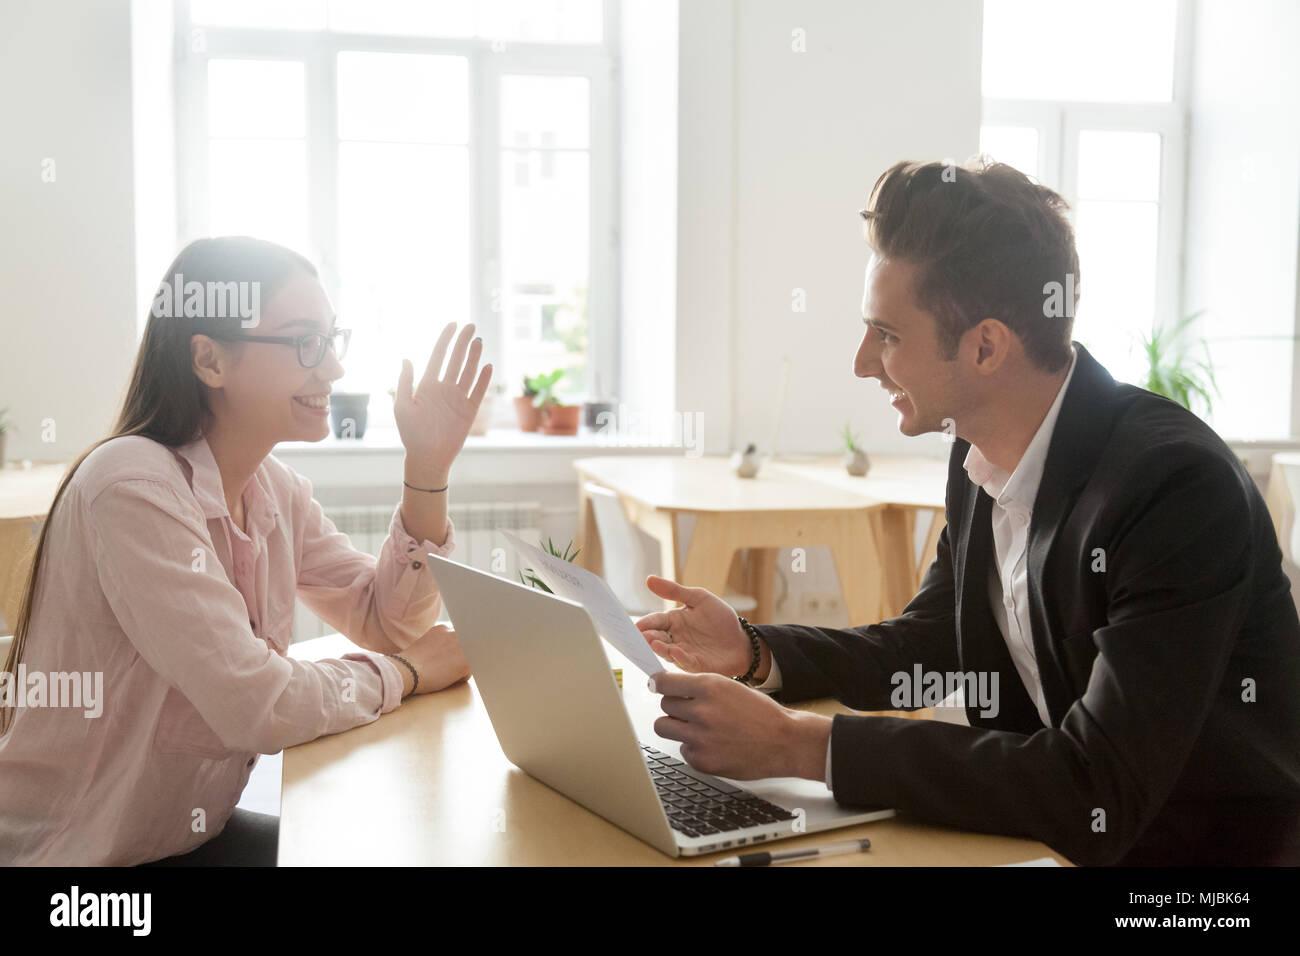 Hr y solicitante hablando riendo en una entrevista de trabajo, buena Impress Imagen De Stock